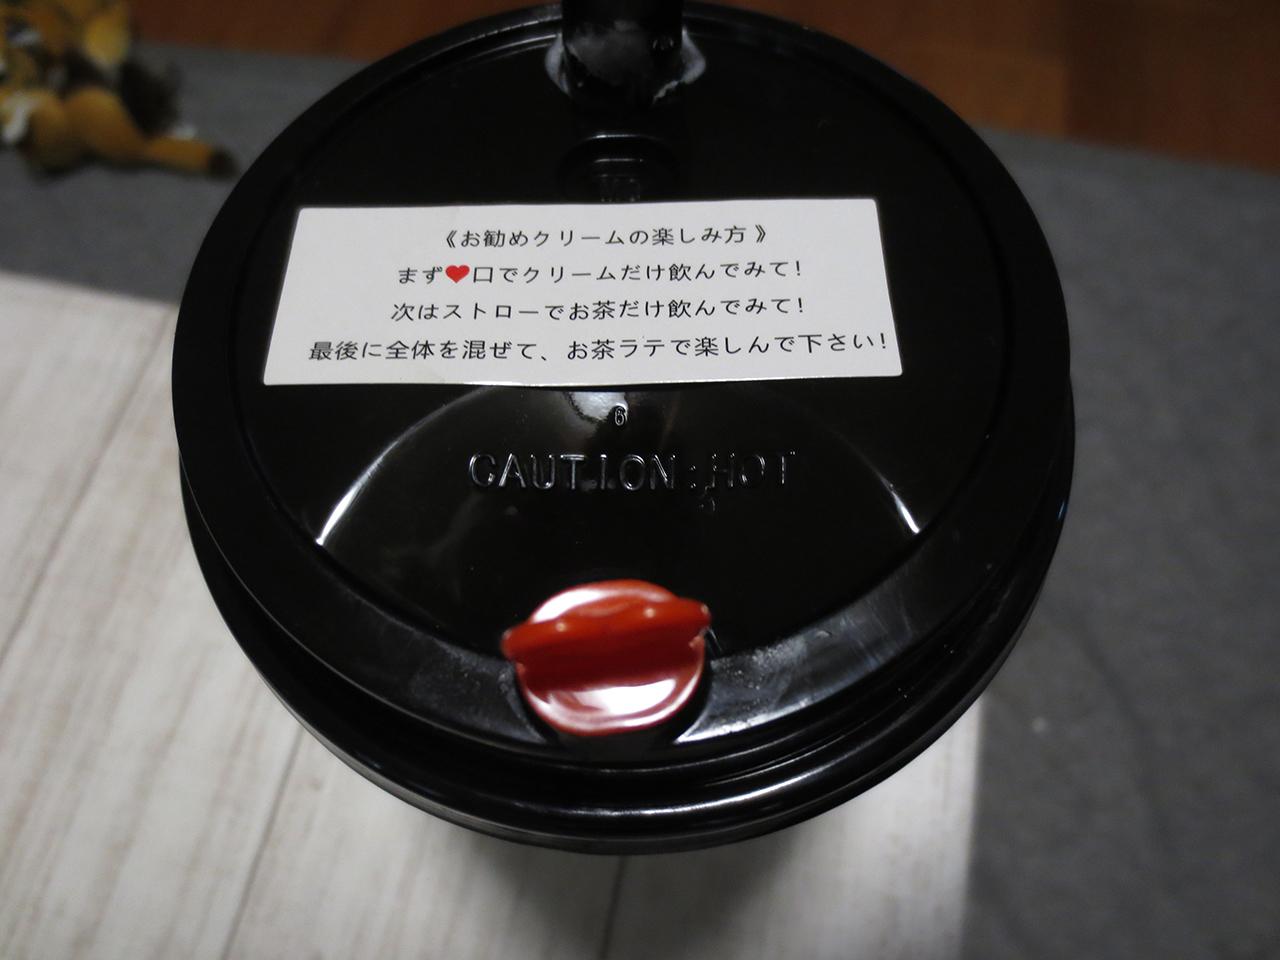 おすすめの飲み方が書かれたドリンクの蓋の写真